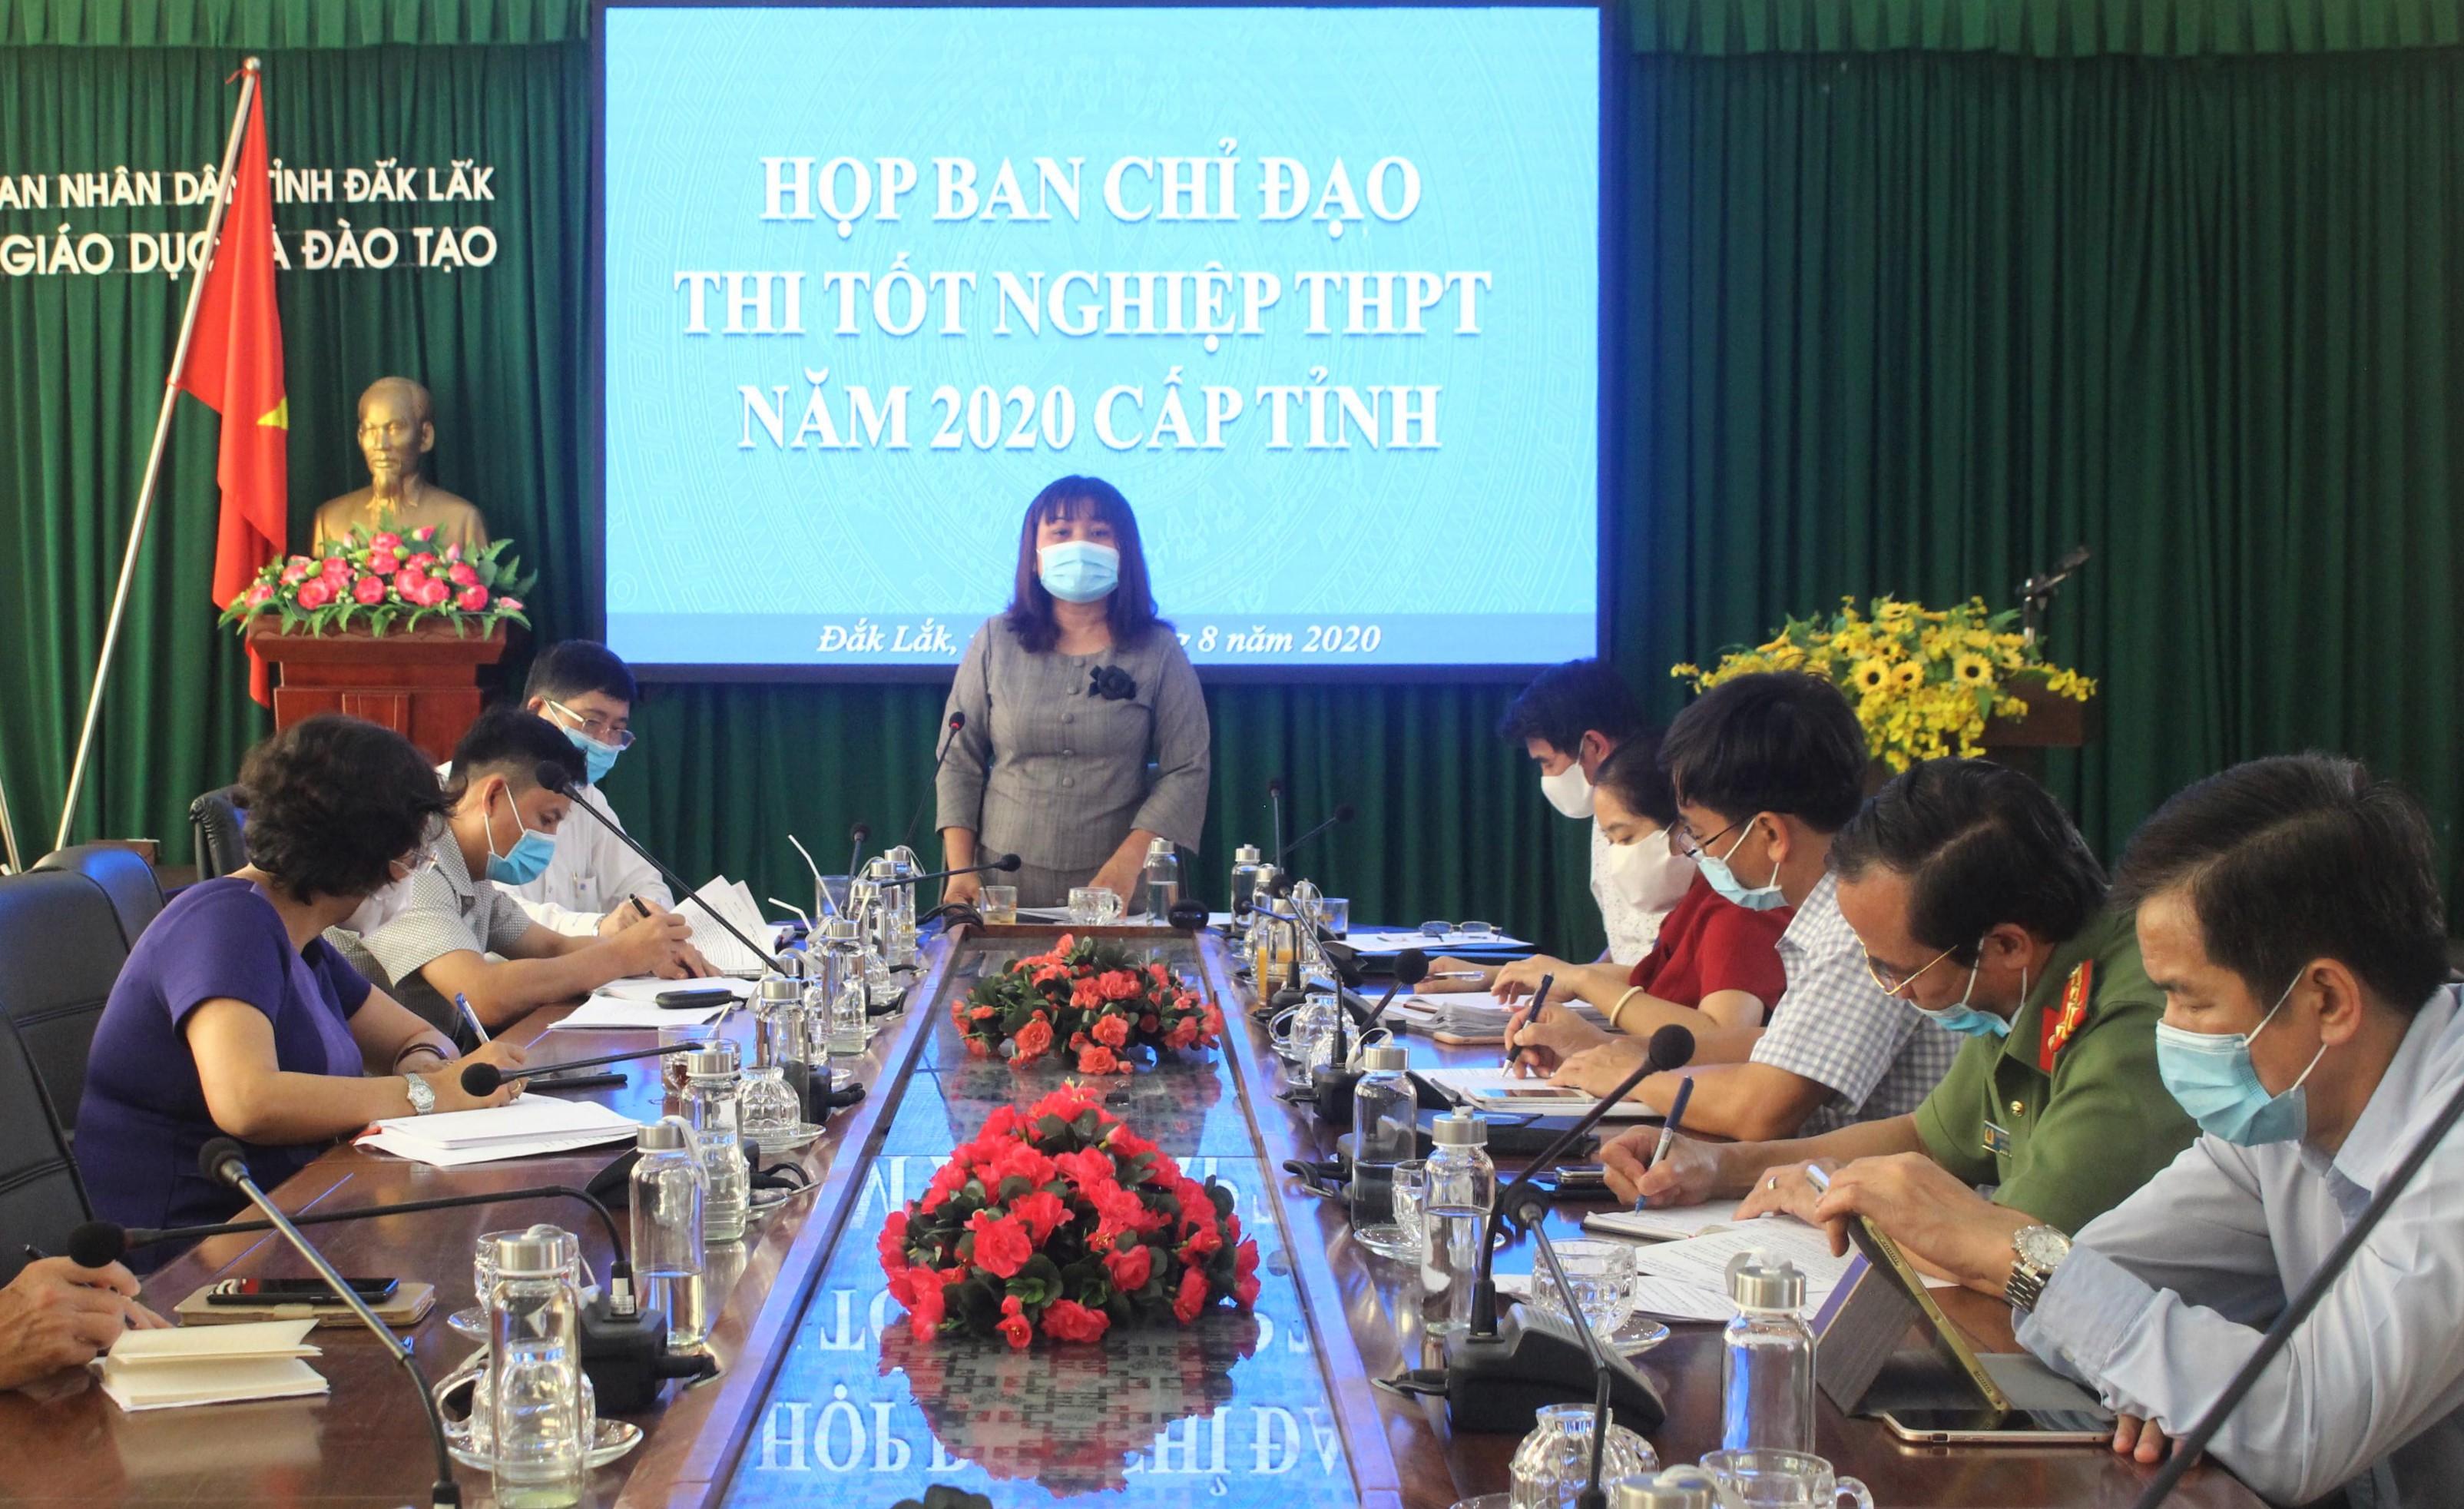 Thí sinh thành phố Buôn Ma Thuột sẽ thi tốt nghiệp THPT năm 2020 vào đợt 2